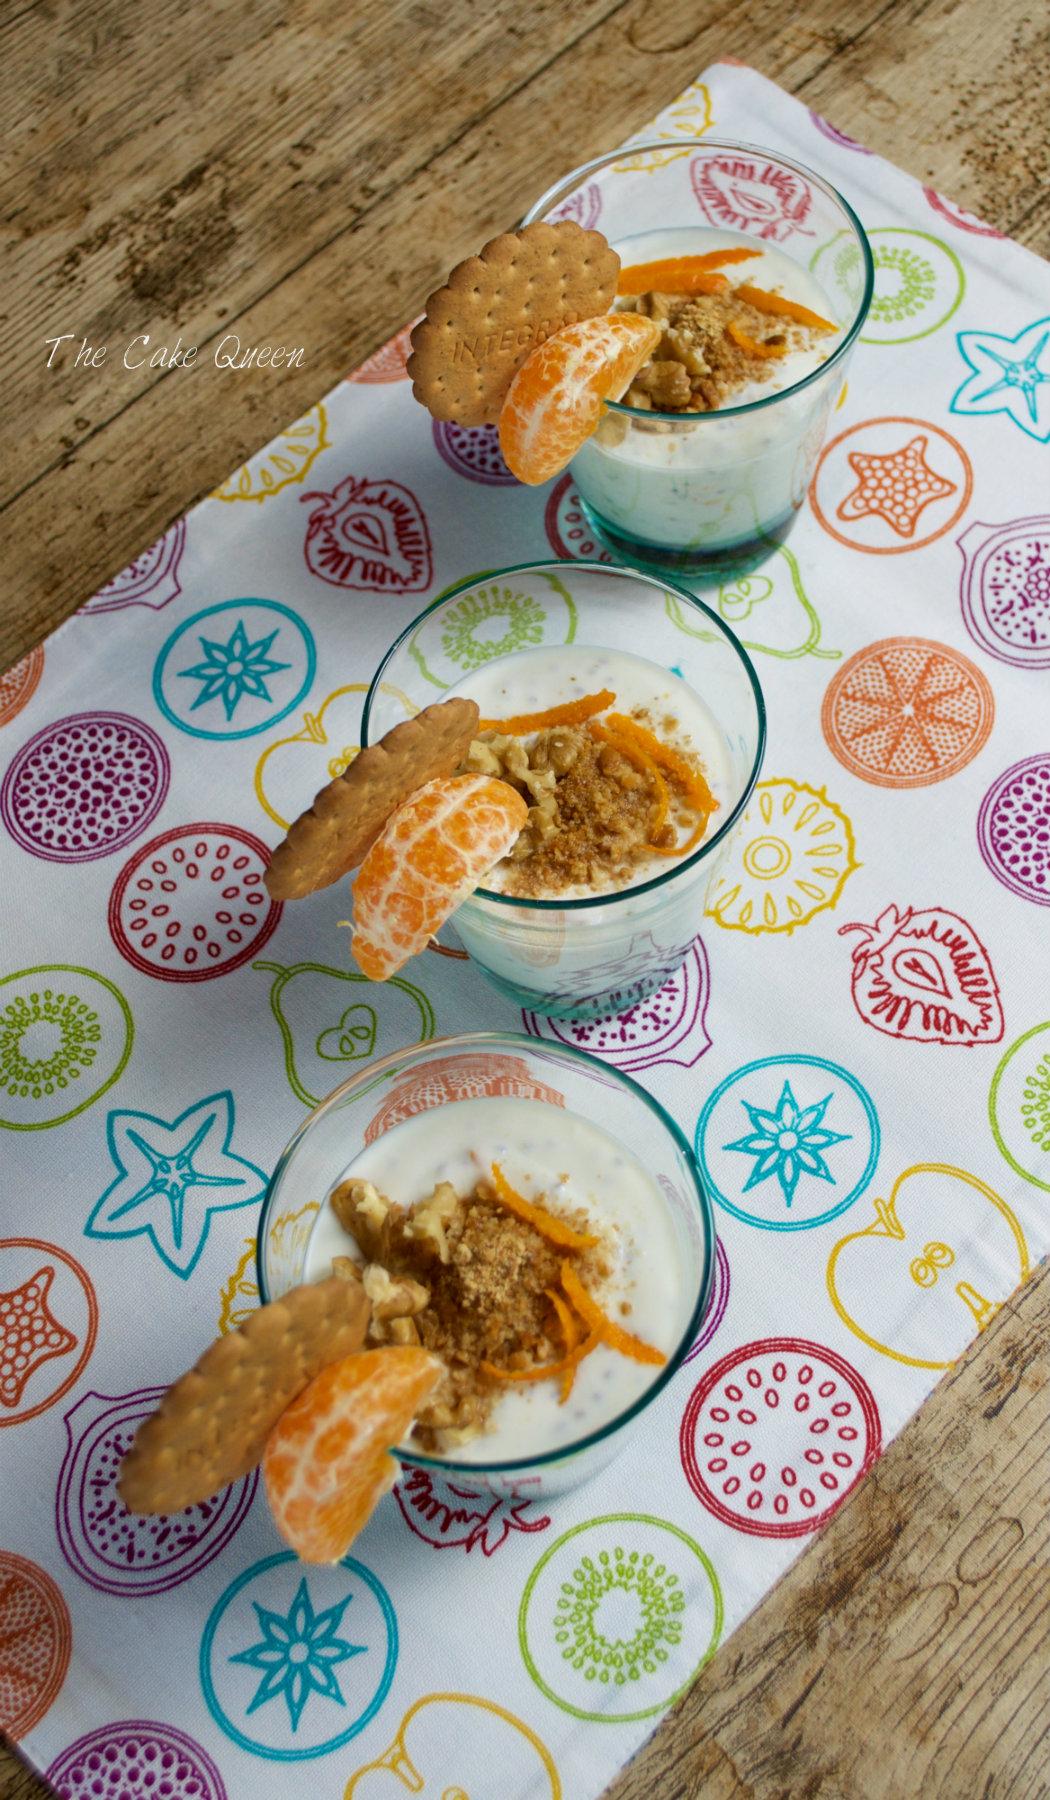 Quark con mandarinas y galletas